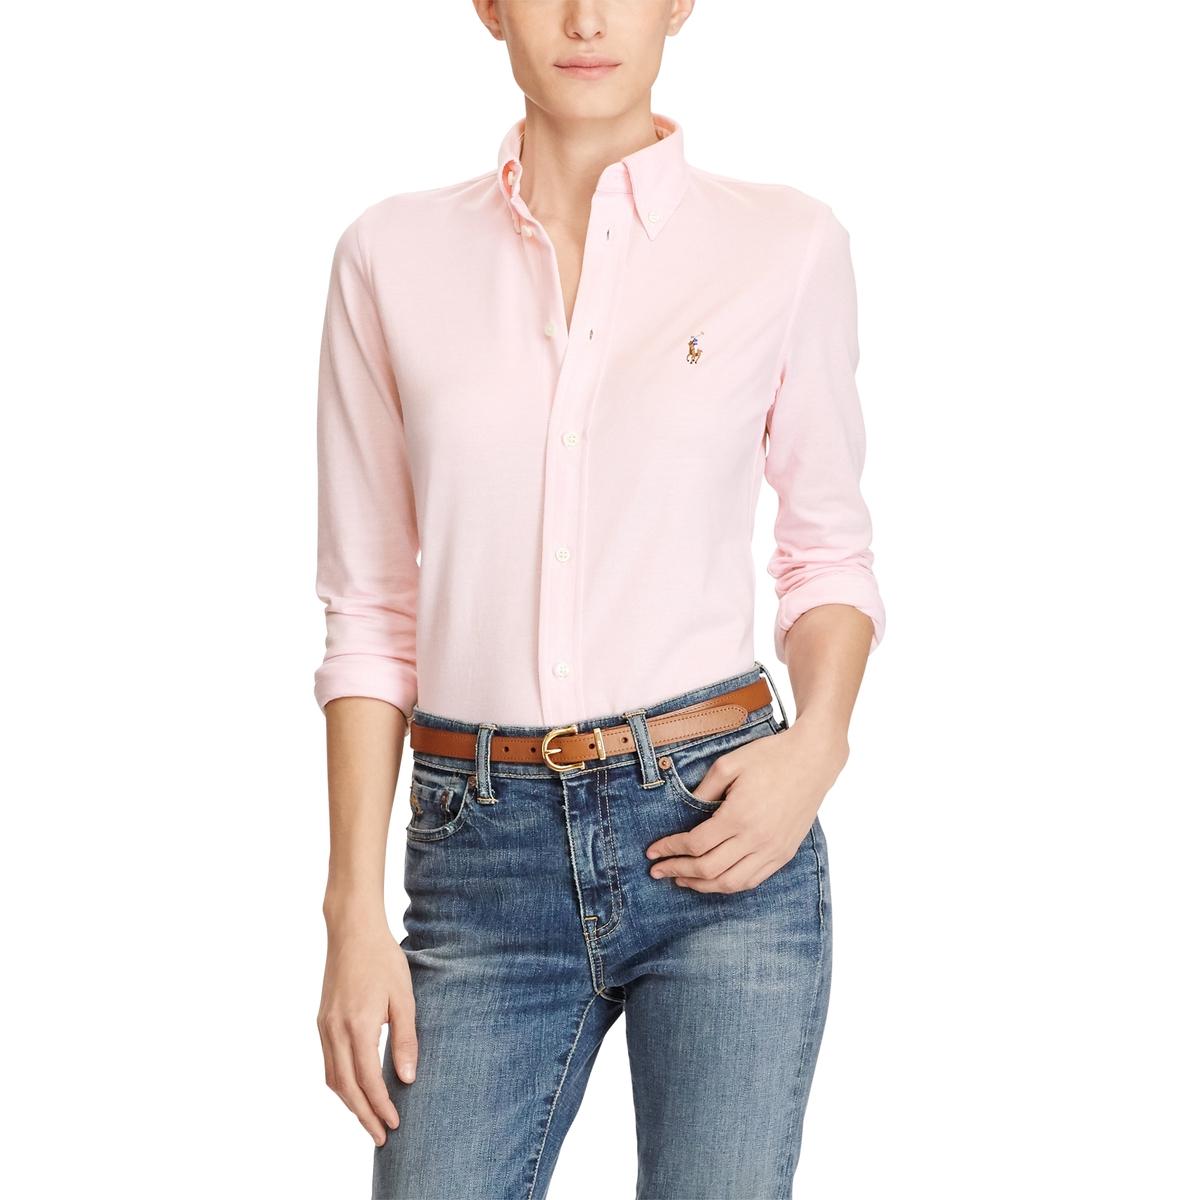 купить Рубашка La Redoute Классическая с длинными рукавами M розовый по цене 11499 рублей